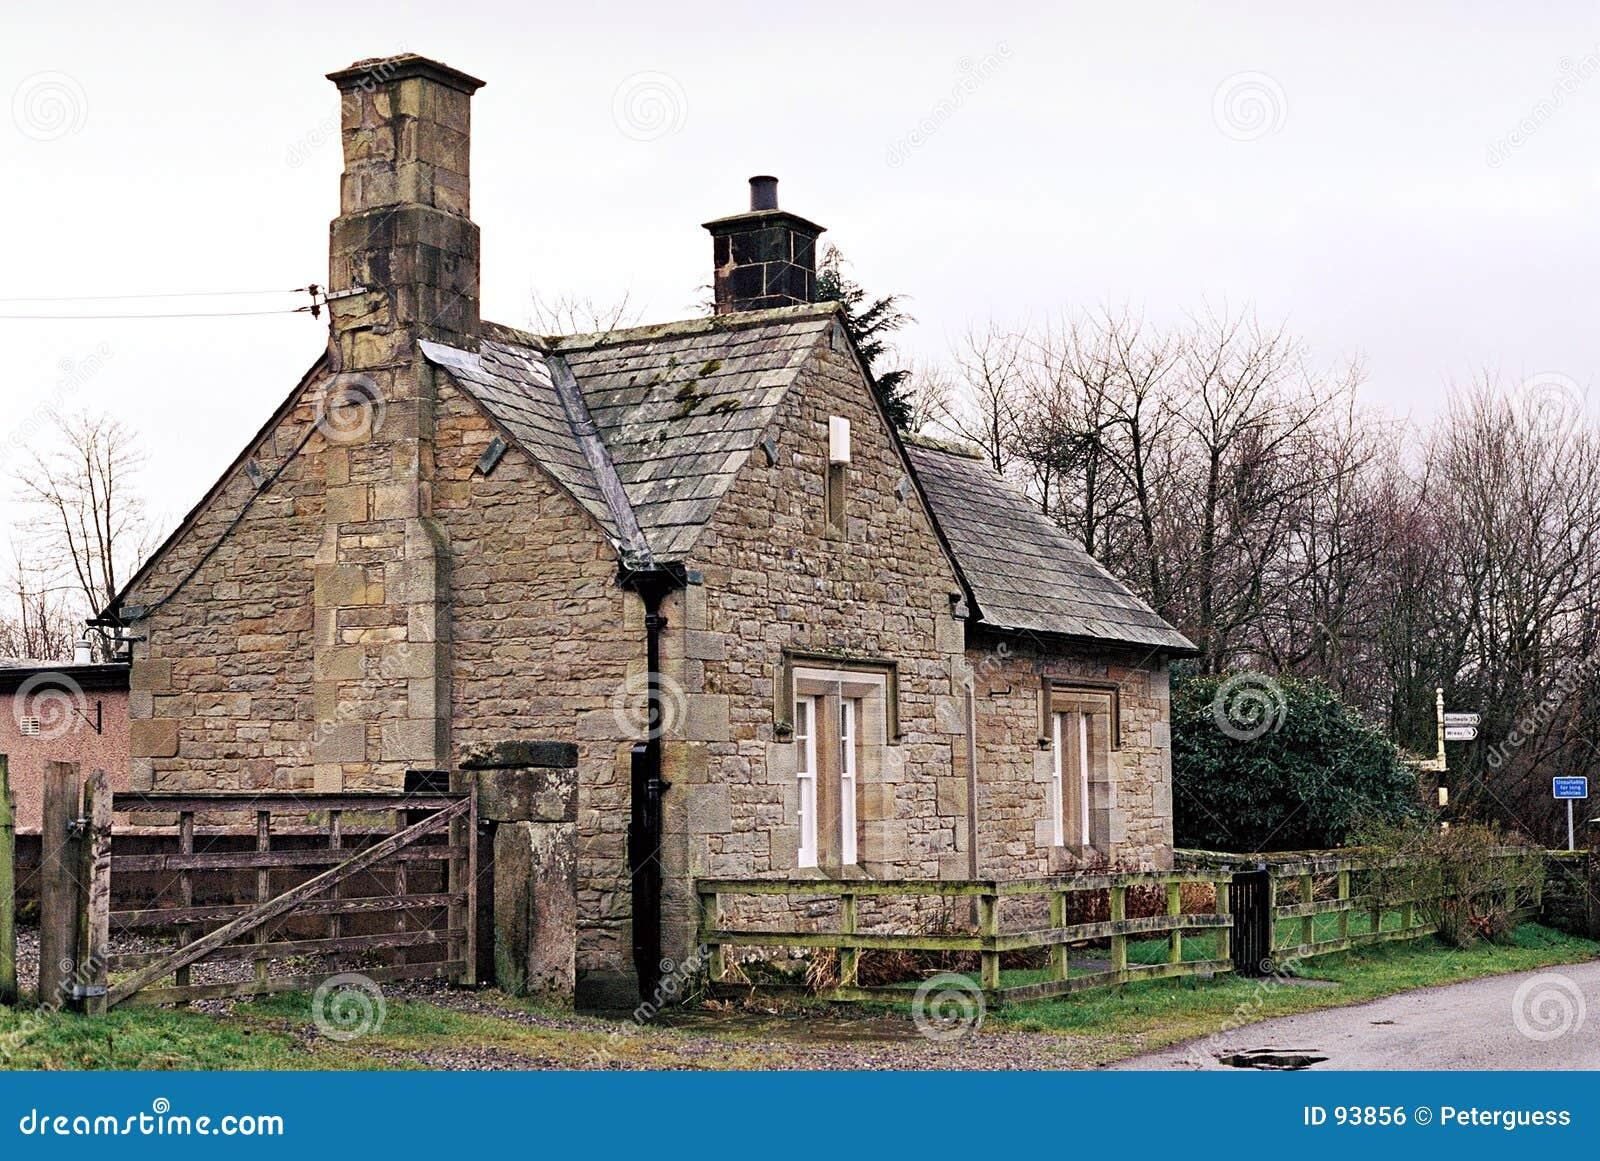 royalty free stock photo download stone cottage - Stone Farmhouse Exteriors